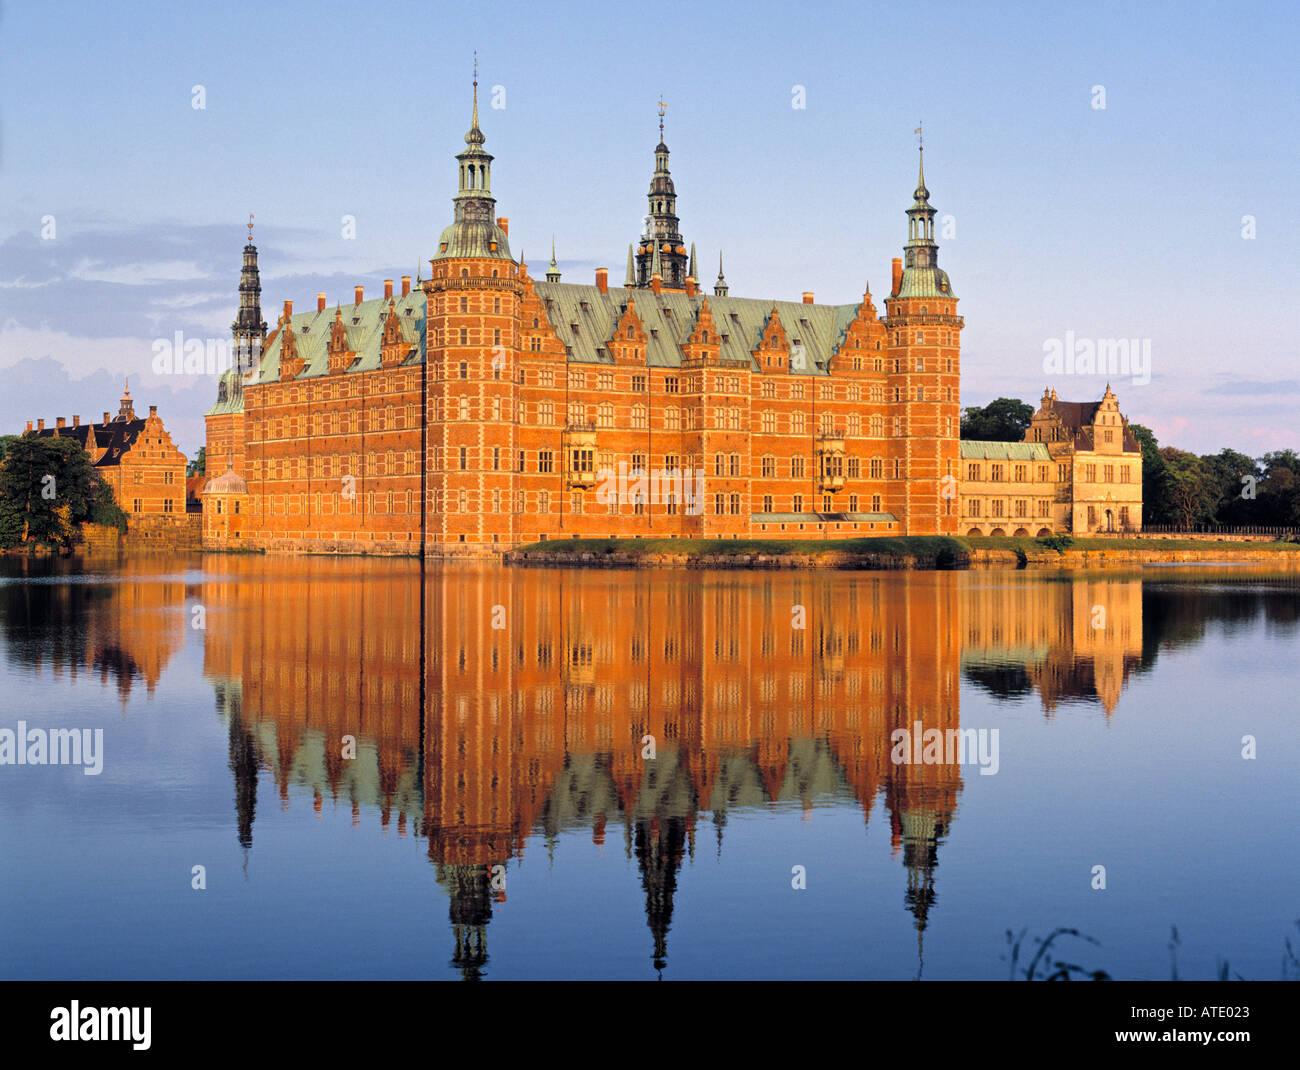 Schloss Frederiksborg, Sjaelland, Denmark - Stock Image